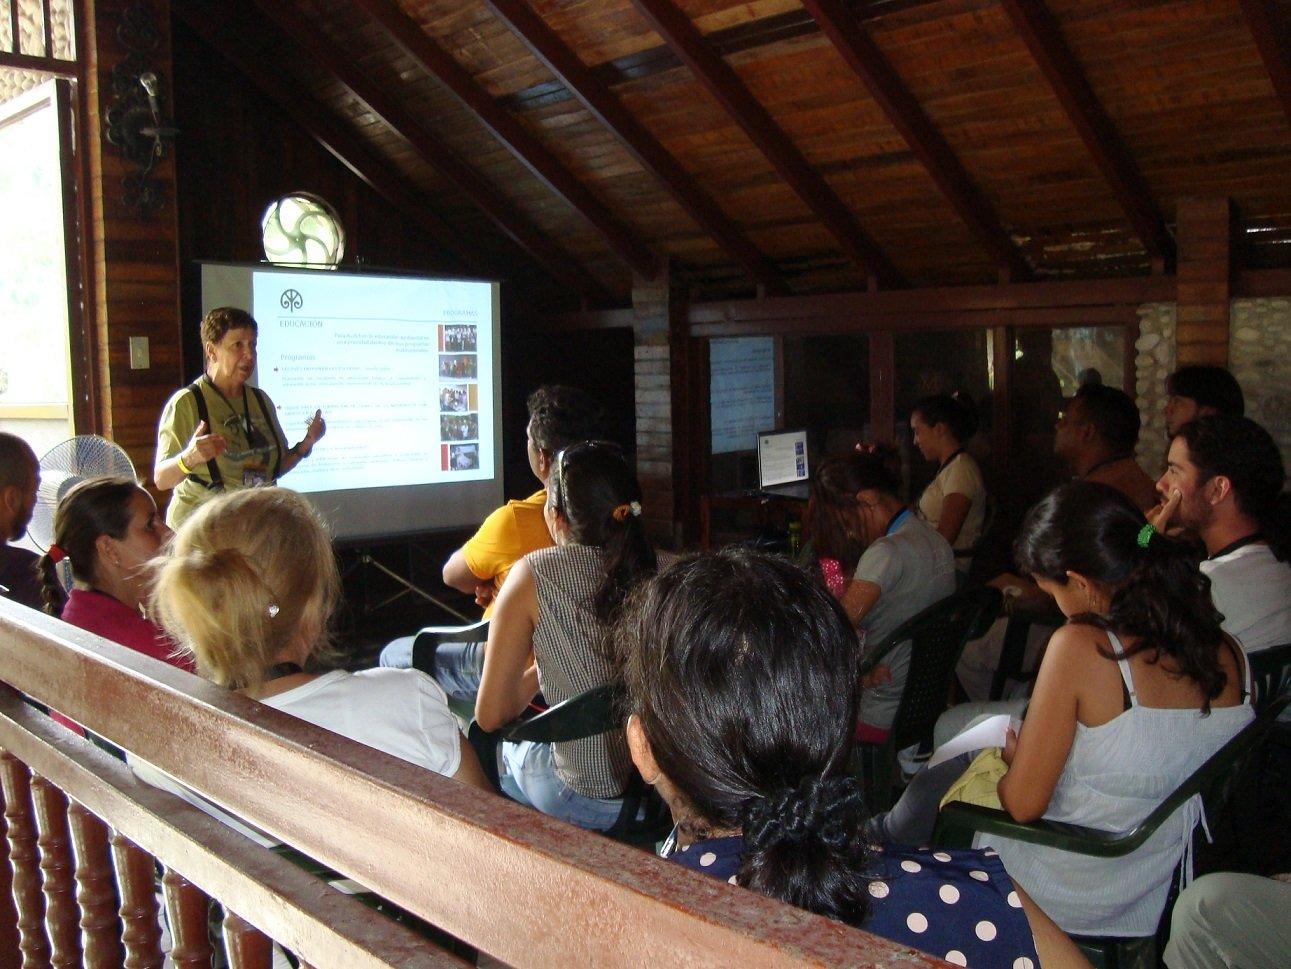 Audubon realizó en Aragua el Taller de Capacitación para la Formación Básica de Guías de Aviturismo